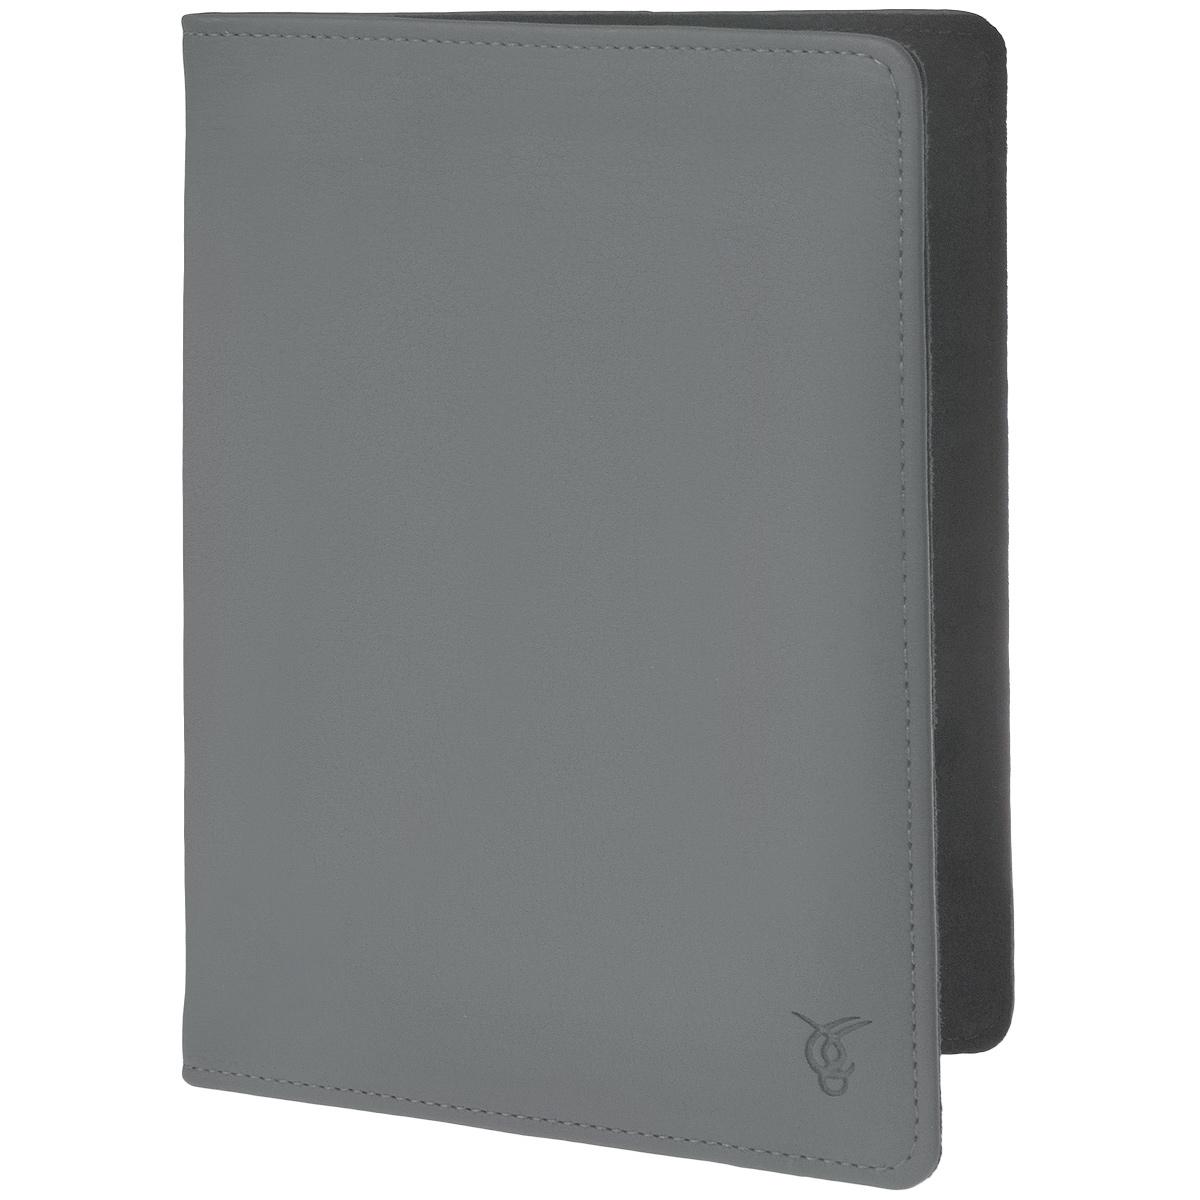 Vivacase Basic кожаный универсальный чехол-обложка для планшетов 8, Grey (VUC-CM008-gr)VUC-CM008-grТонкий чехол-обложка Viva Basic для планшетов 8 - прекрасный выбор для тех, что заботится не только о сохранности своего устройства, но и о стиле. Он изготовлен из качественной искусственной кожи, которая по своим характеристикам не уступает натуральной. Мягкая подкладка приятна на ощупь и предотвращает появление царапин на корпусе и дисплее. Крепление PVS позволяет надежно зафиксировать электронное устройство внутри. В закрытом положении чехол удерживает широкая резинка черного цвета.